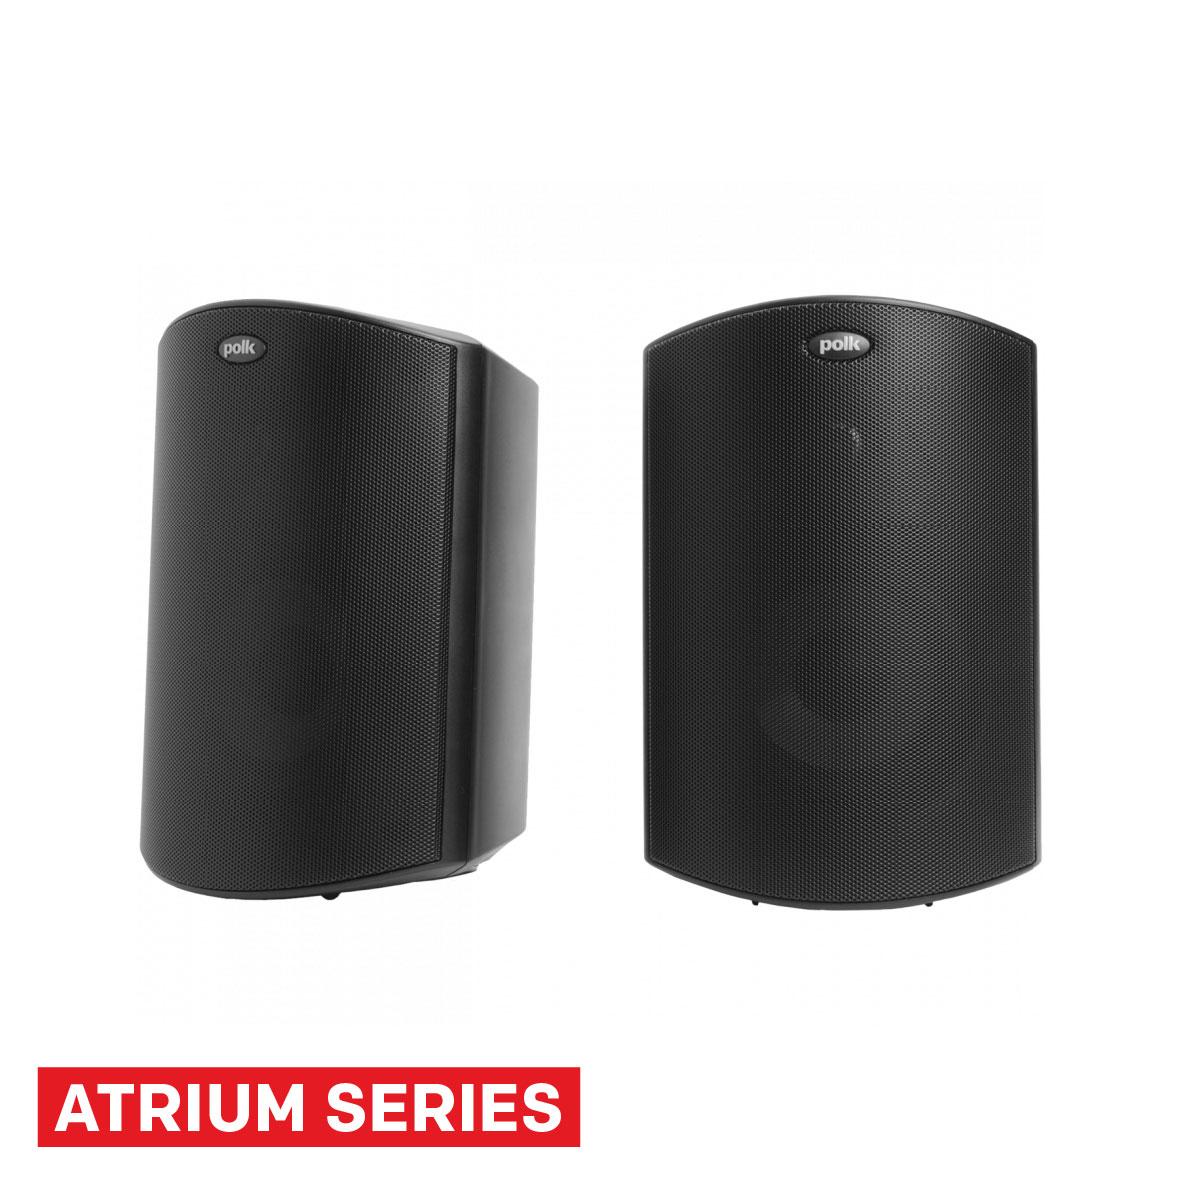 Polk Audio Atrium Series Đông Thành - Hòa Phúc